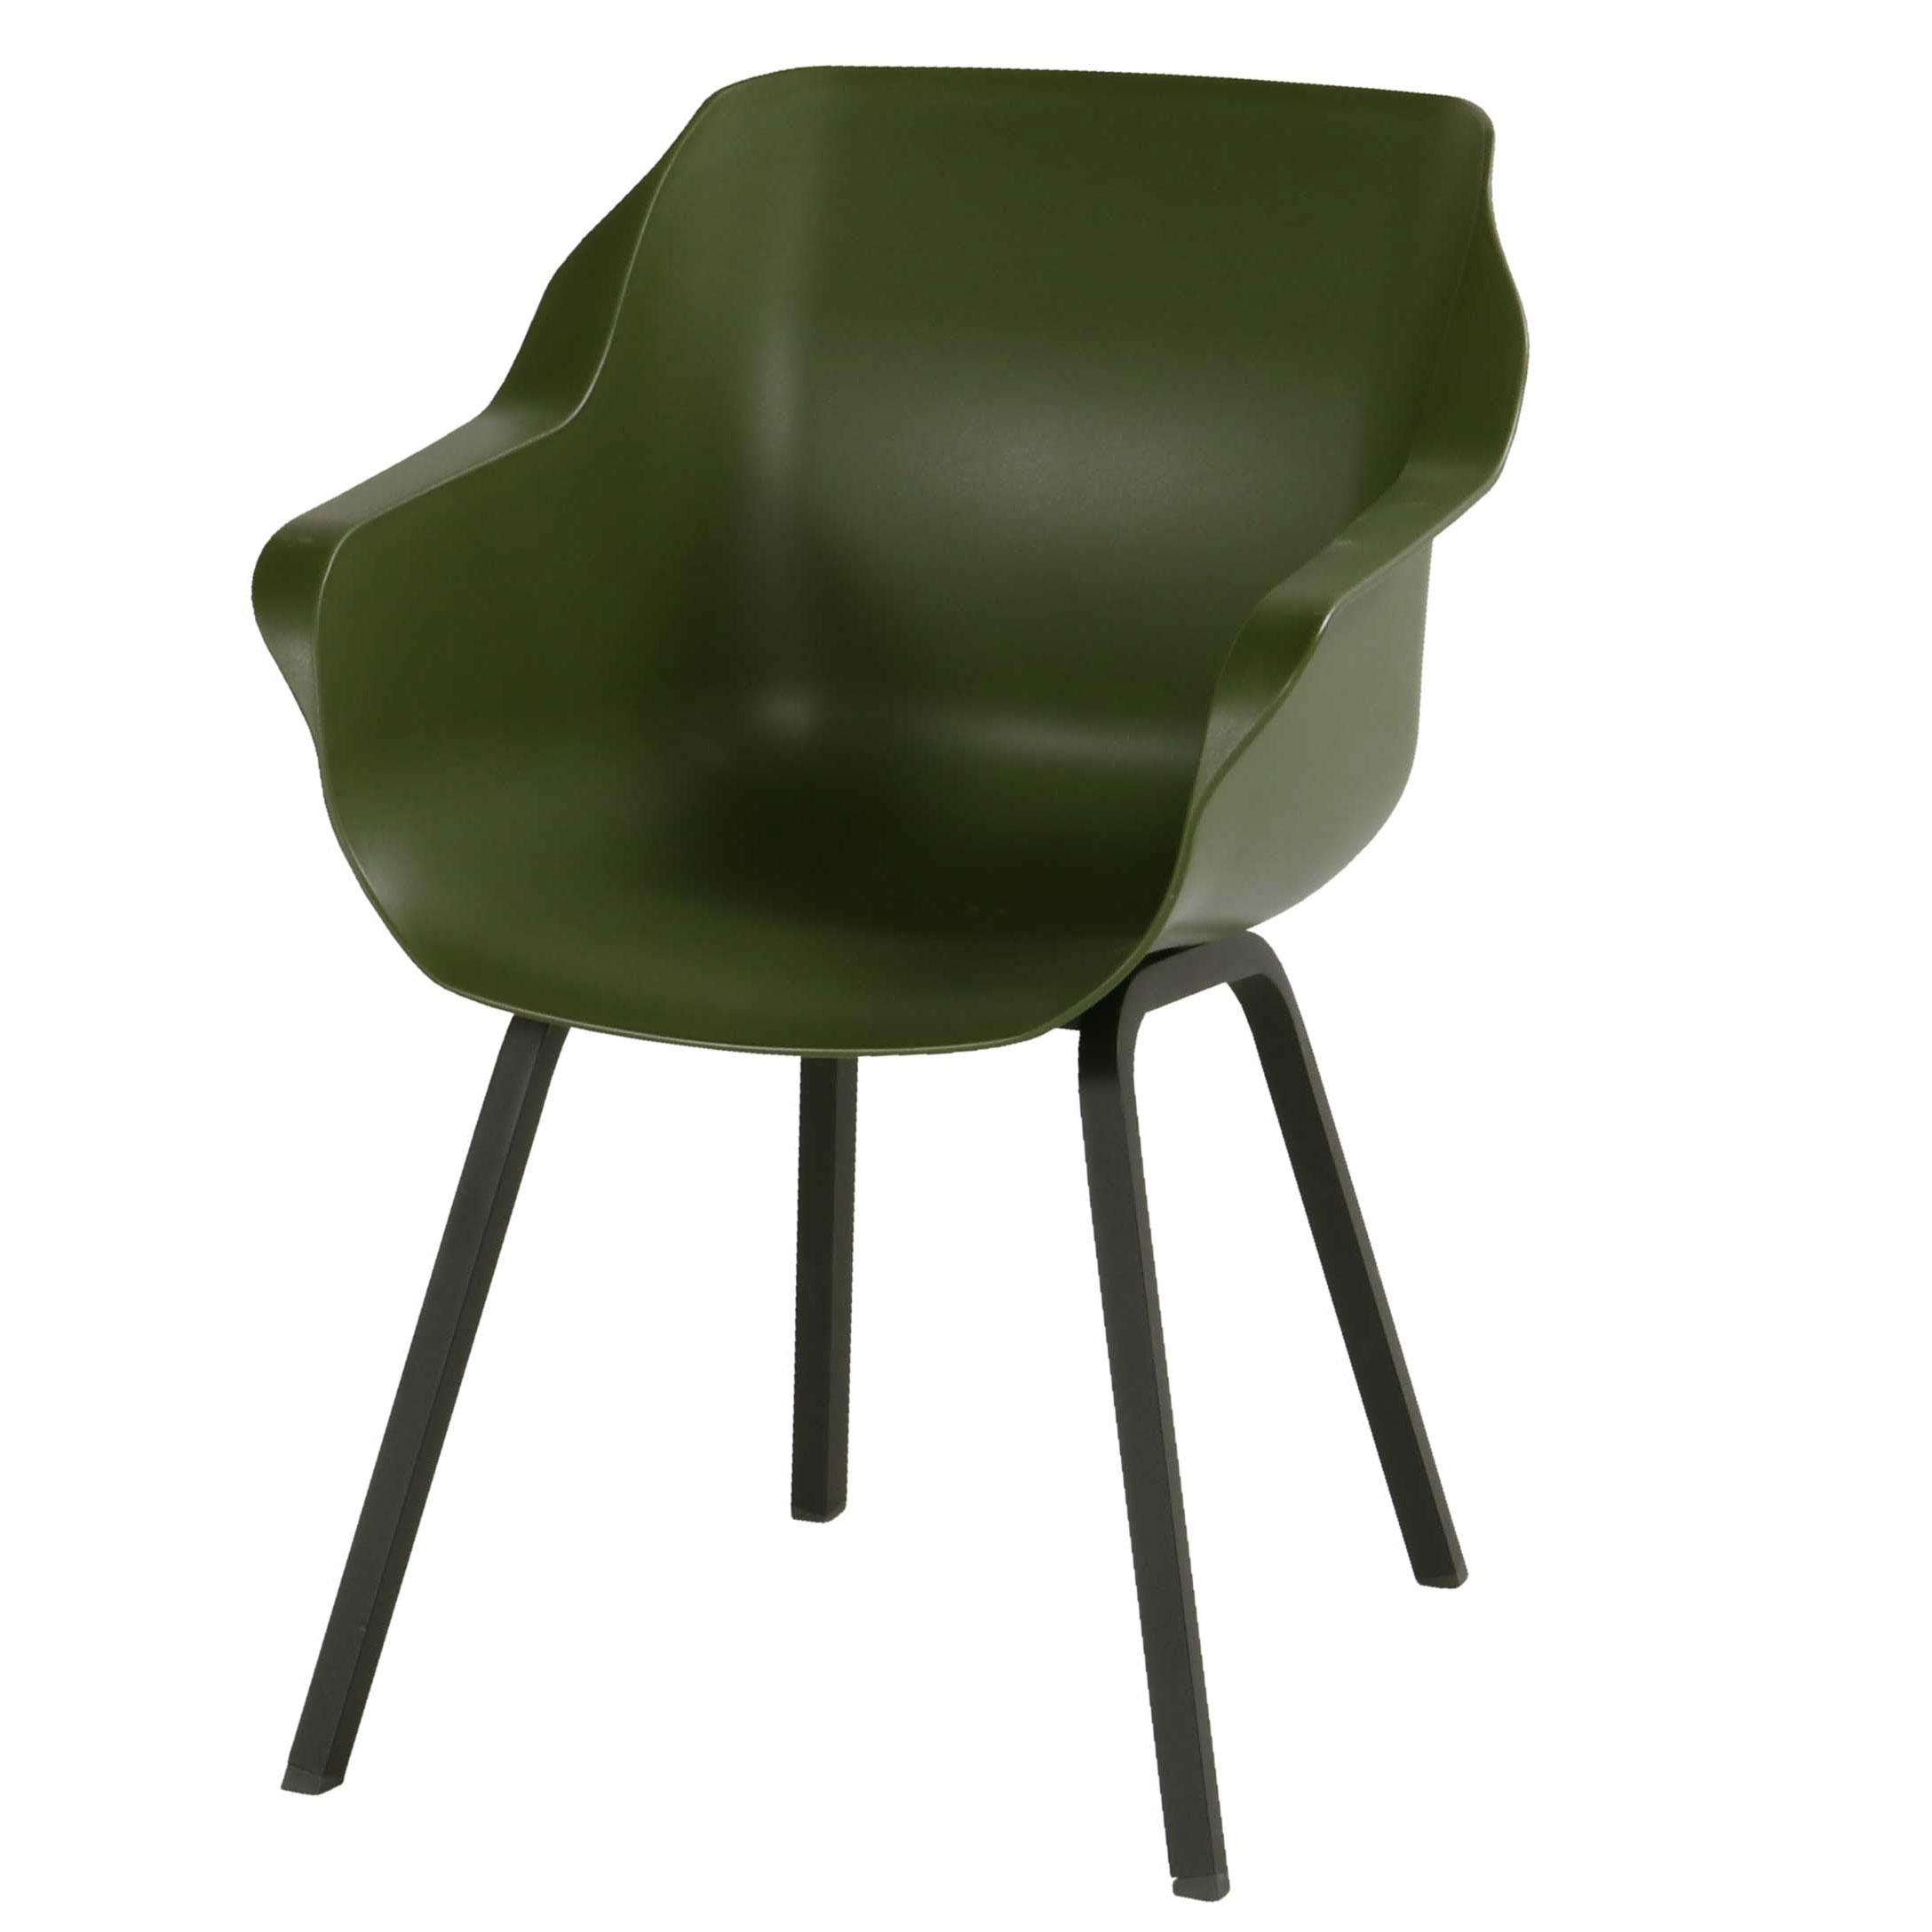 Hartman Sophie element moss green - Tuinstoel